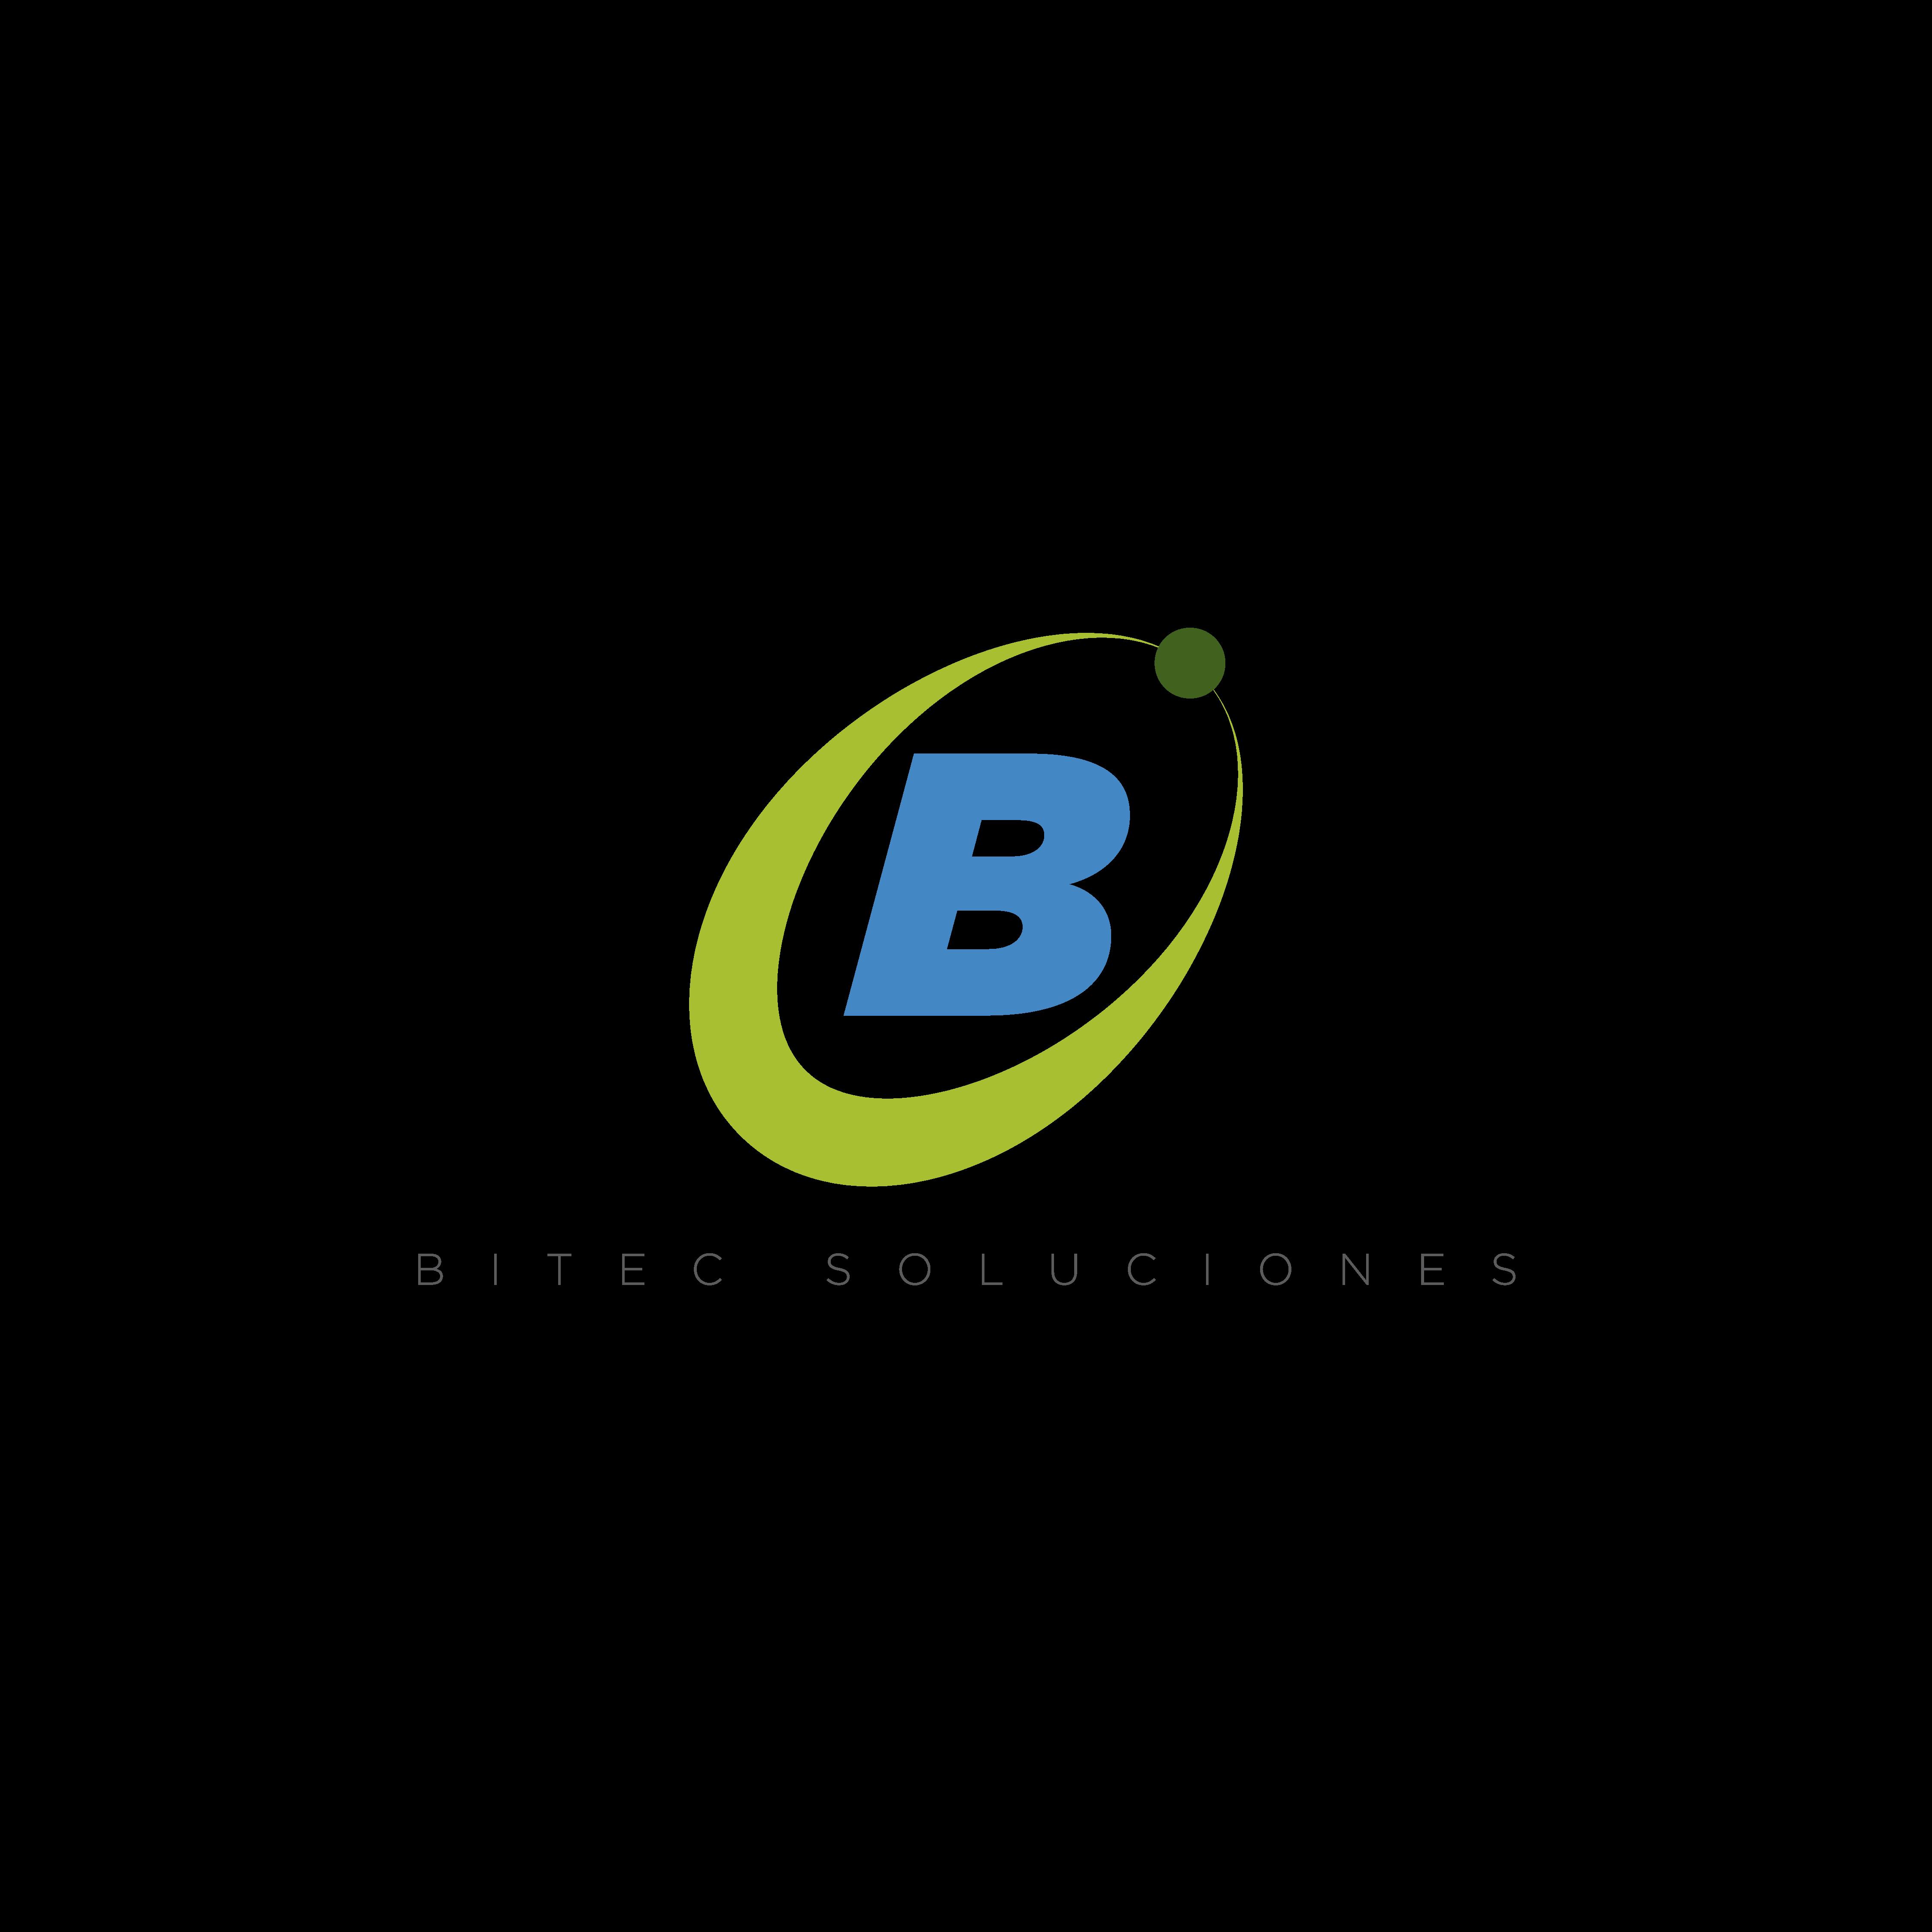 LOGO BITEC SOLUCIONES2-01